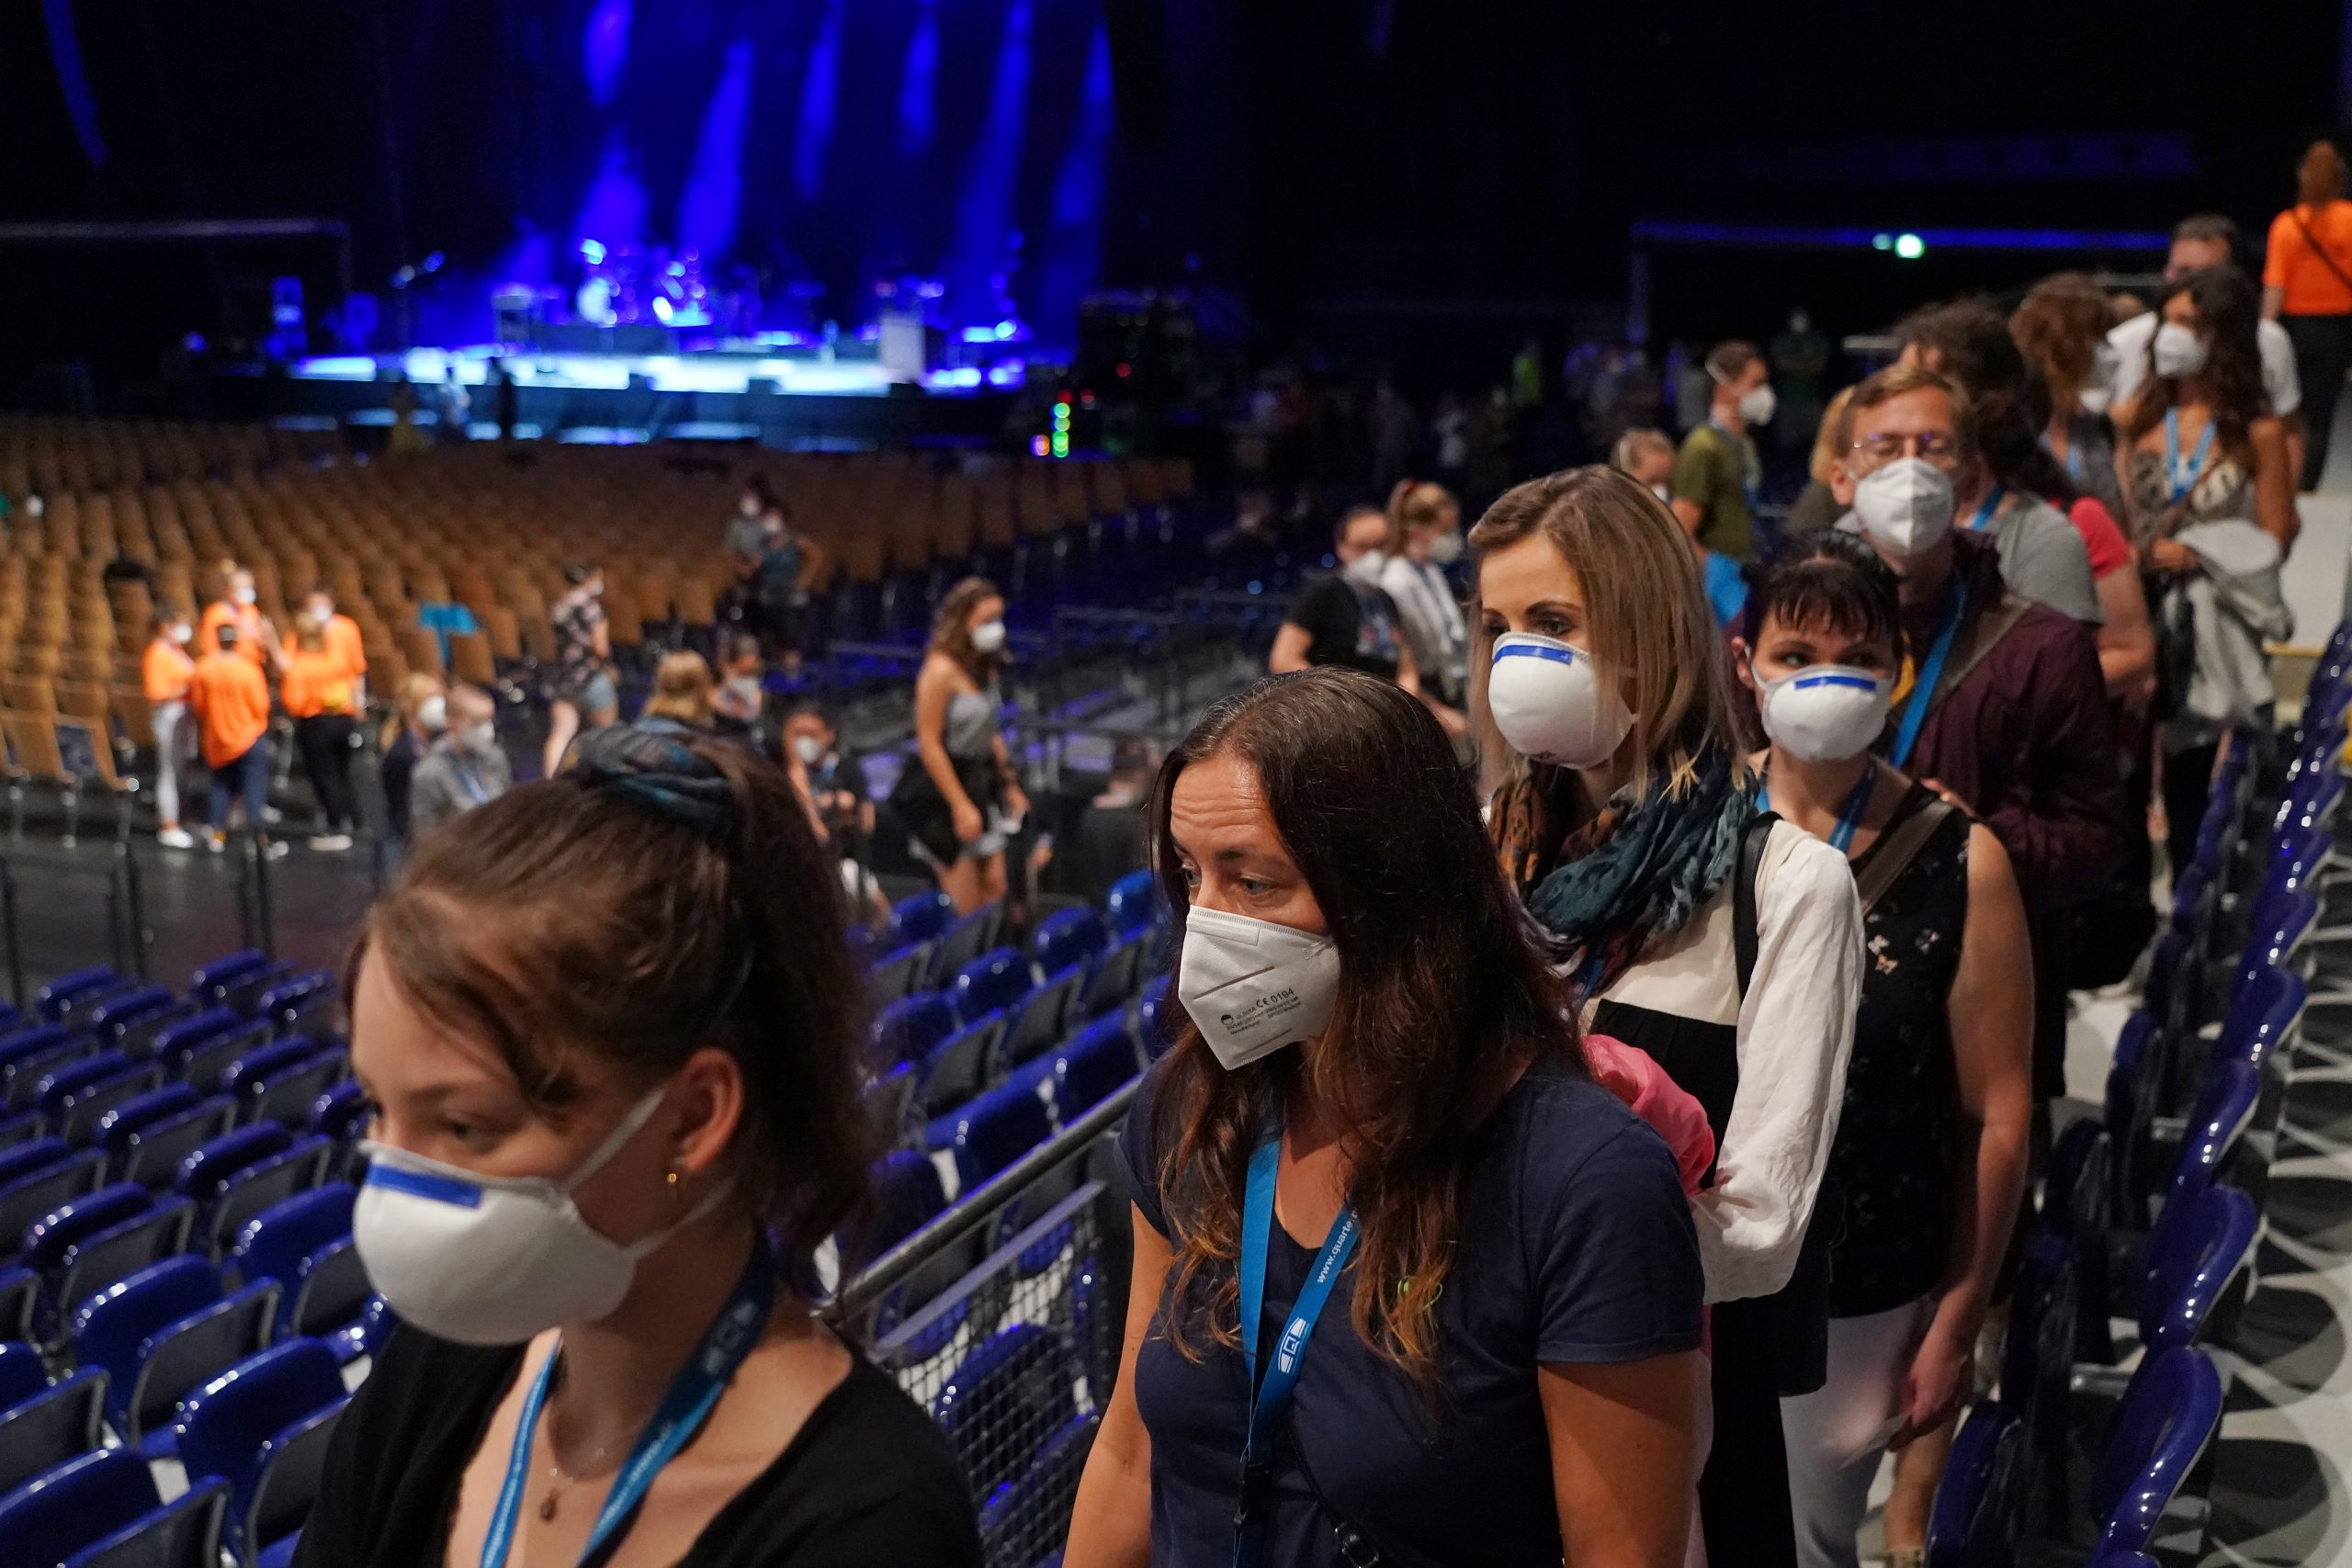 Científicos alemanes organizaron tres conciertos para estudiar cómo se propaga el coronavirus